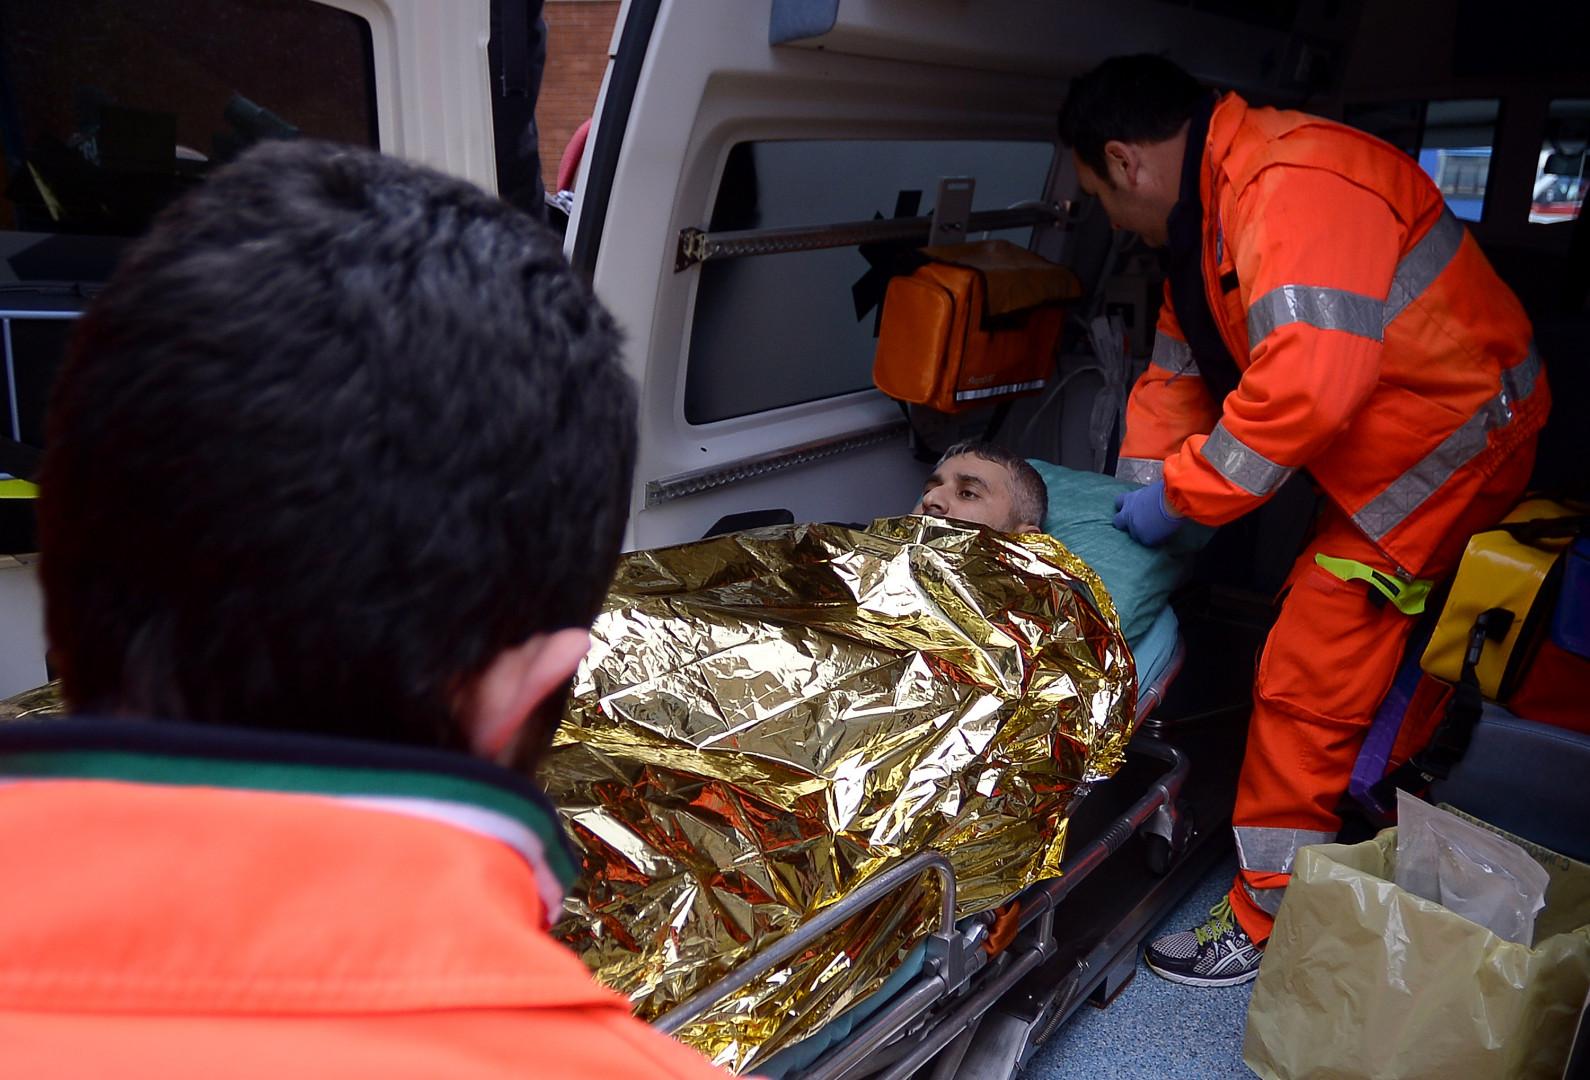 Un rescapé est emmené dans une ambulance pour recevoir les premiers soins